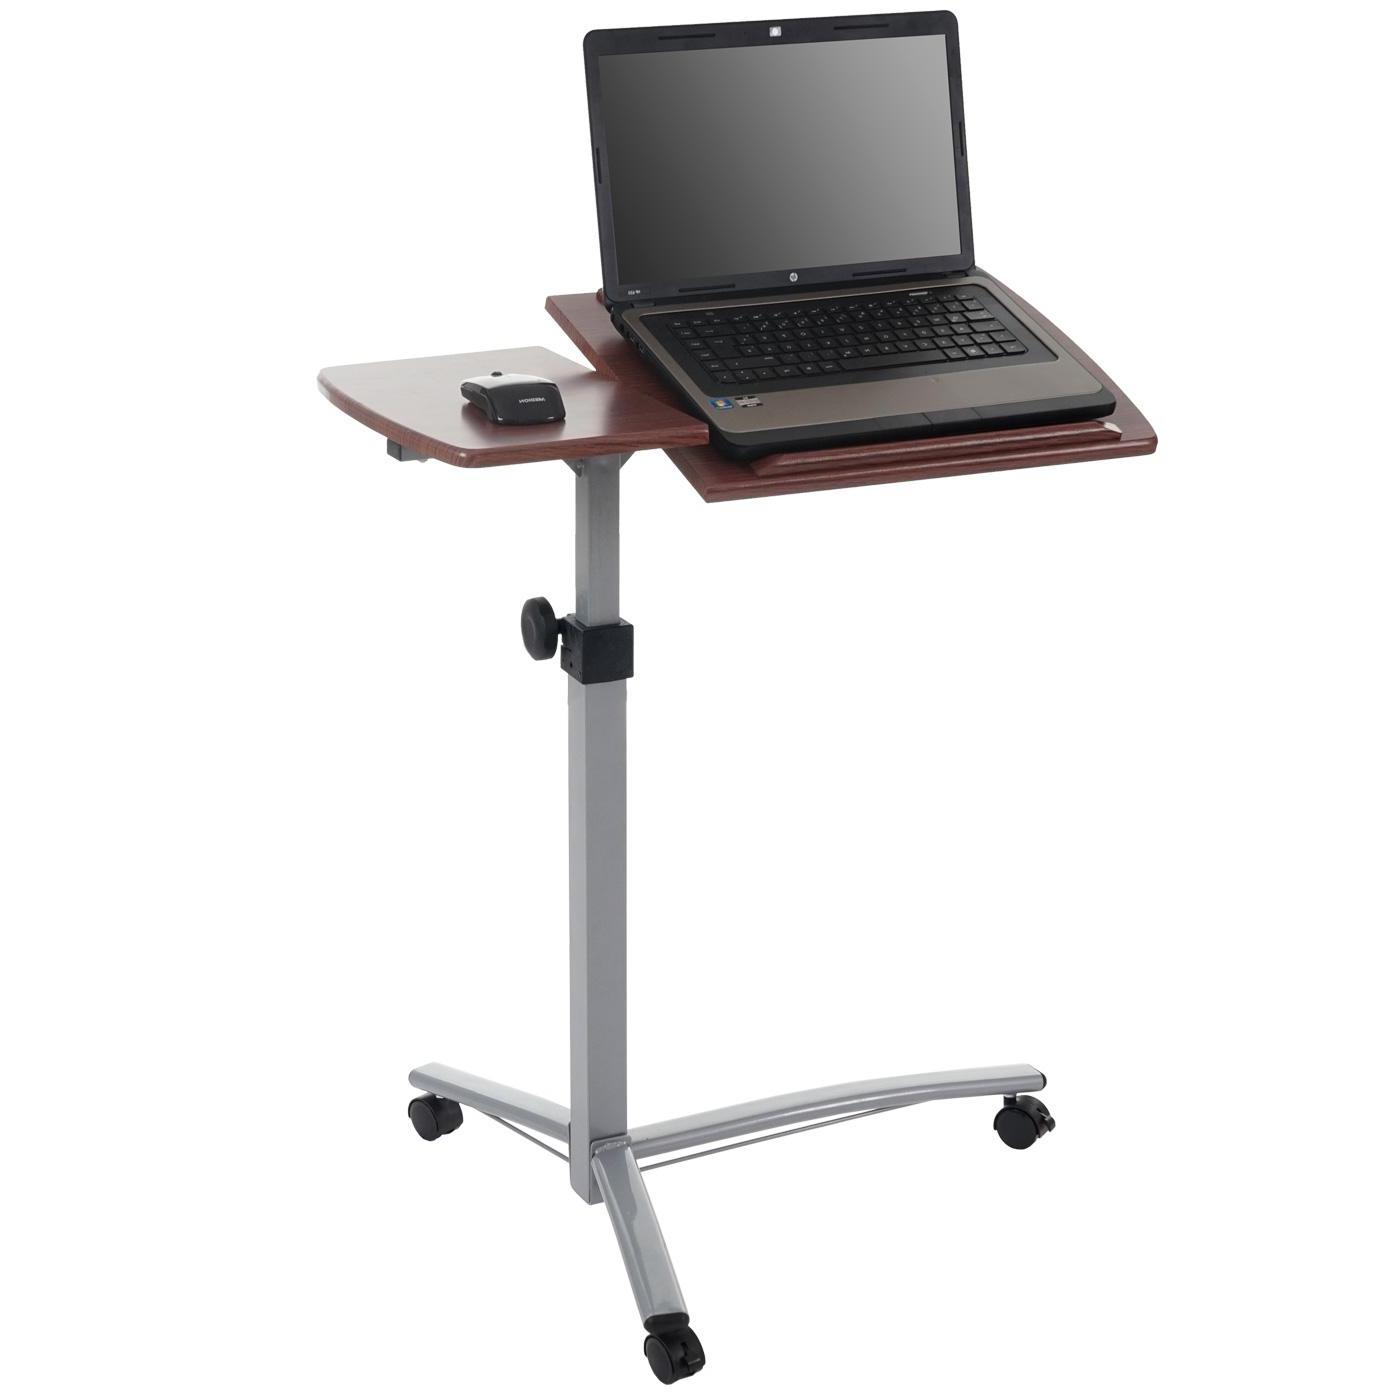 Silla Para ordenador D0dg Mesa atril Stand Superficie Para ordenador Y Ratà N Ajustable En